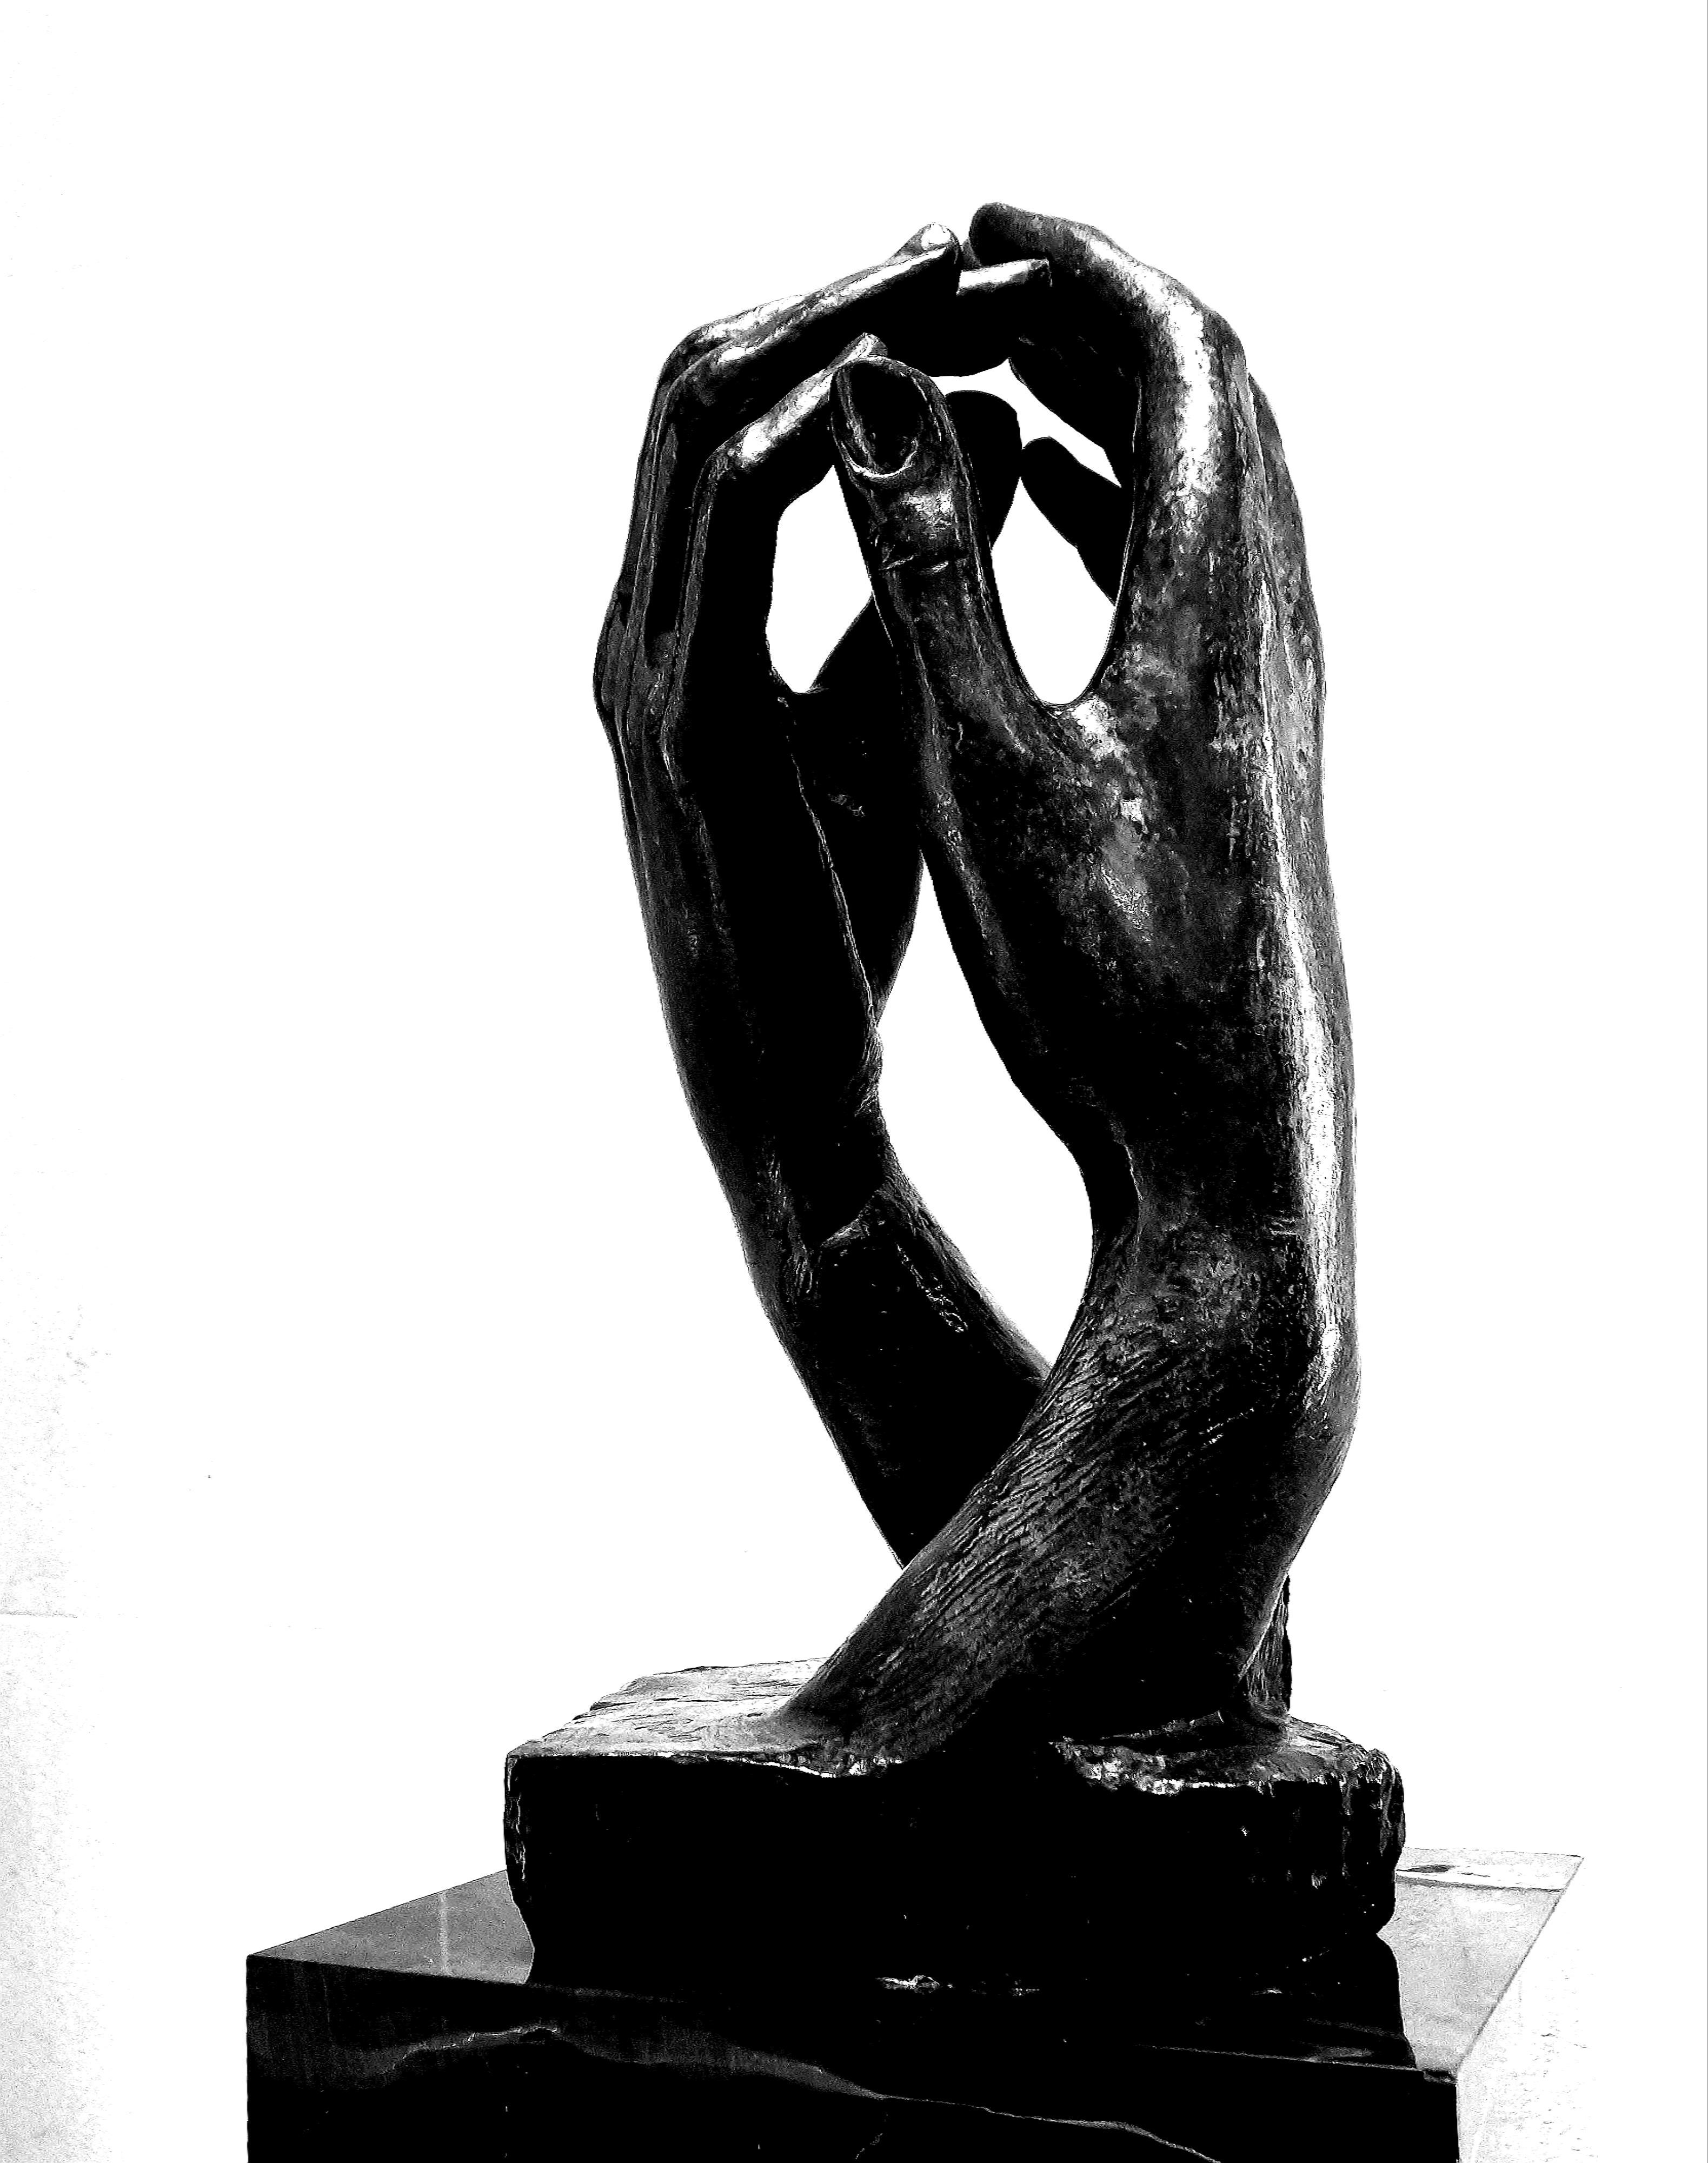 A Catedral ou o Arco da Aliança, de Augusto Rodin, Museu de Filadélfia, EUA. Foto de Regan Vercruysse, 2014. Wikimedia Commons.